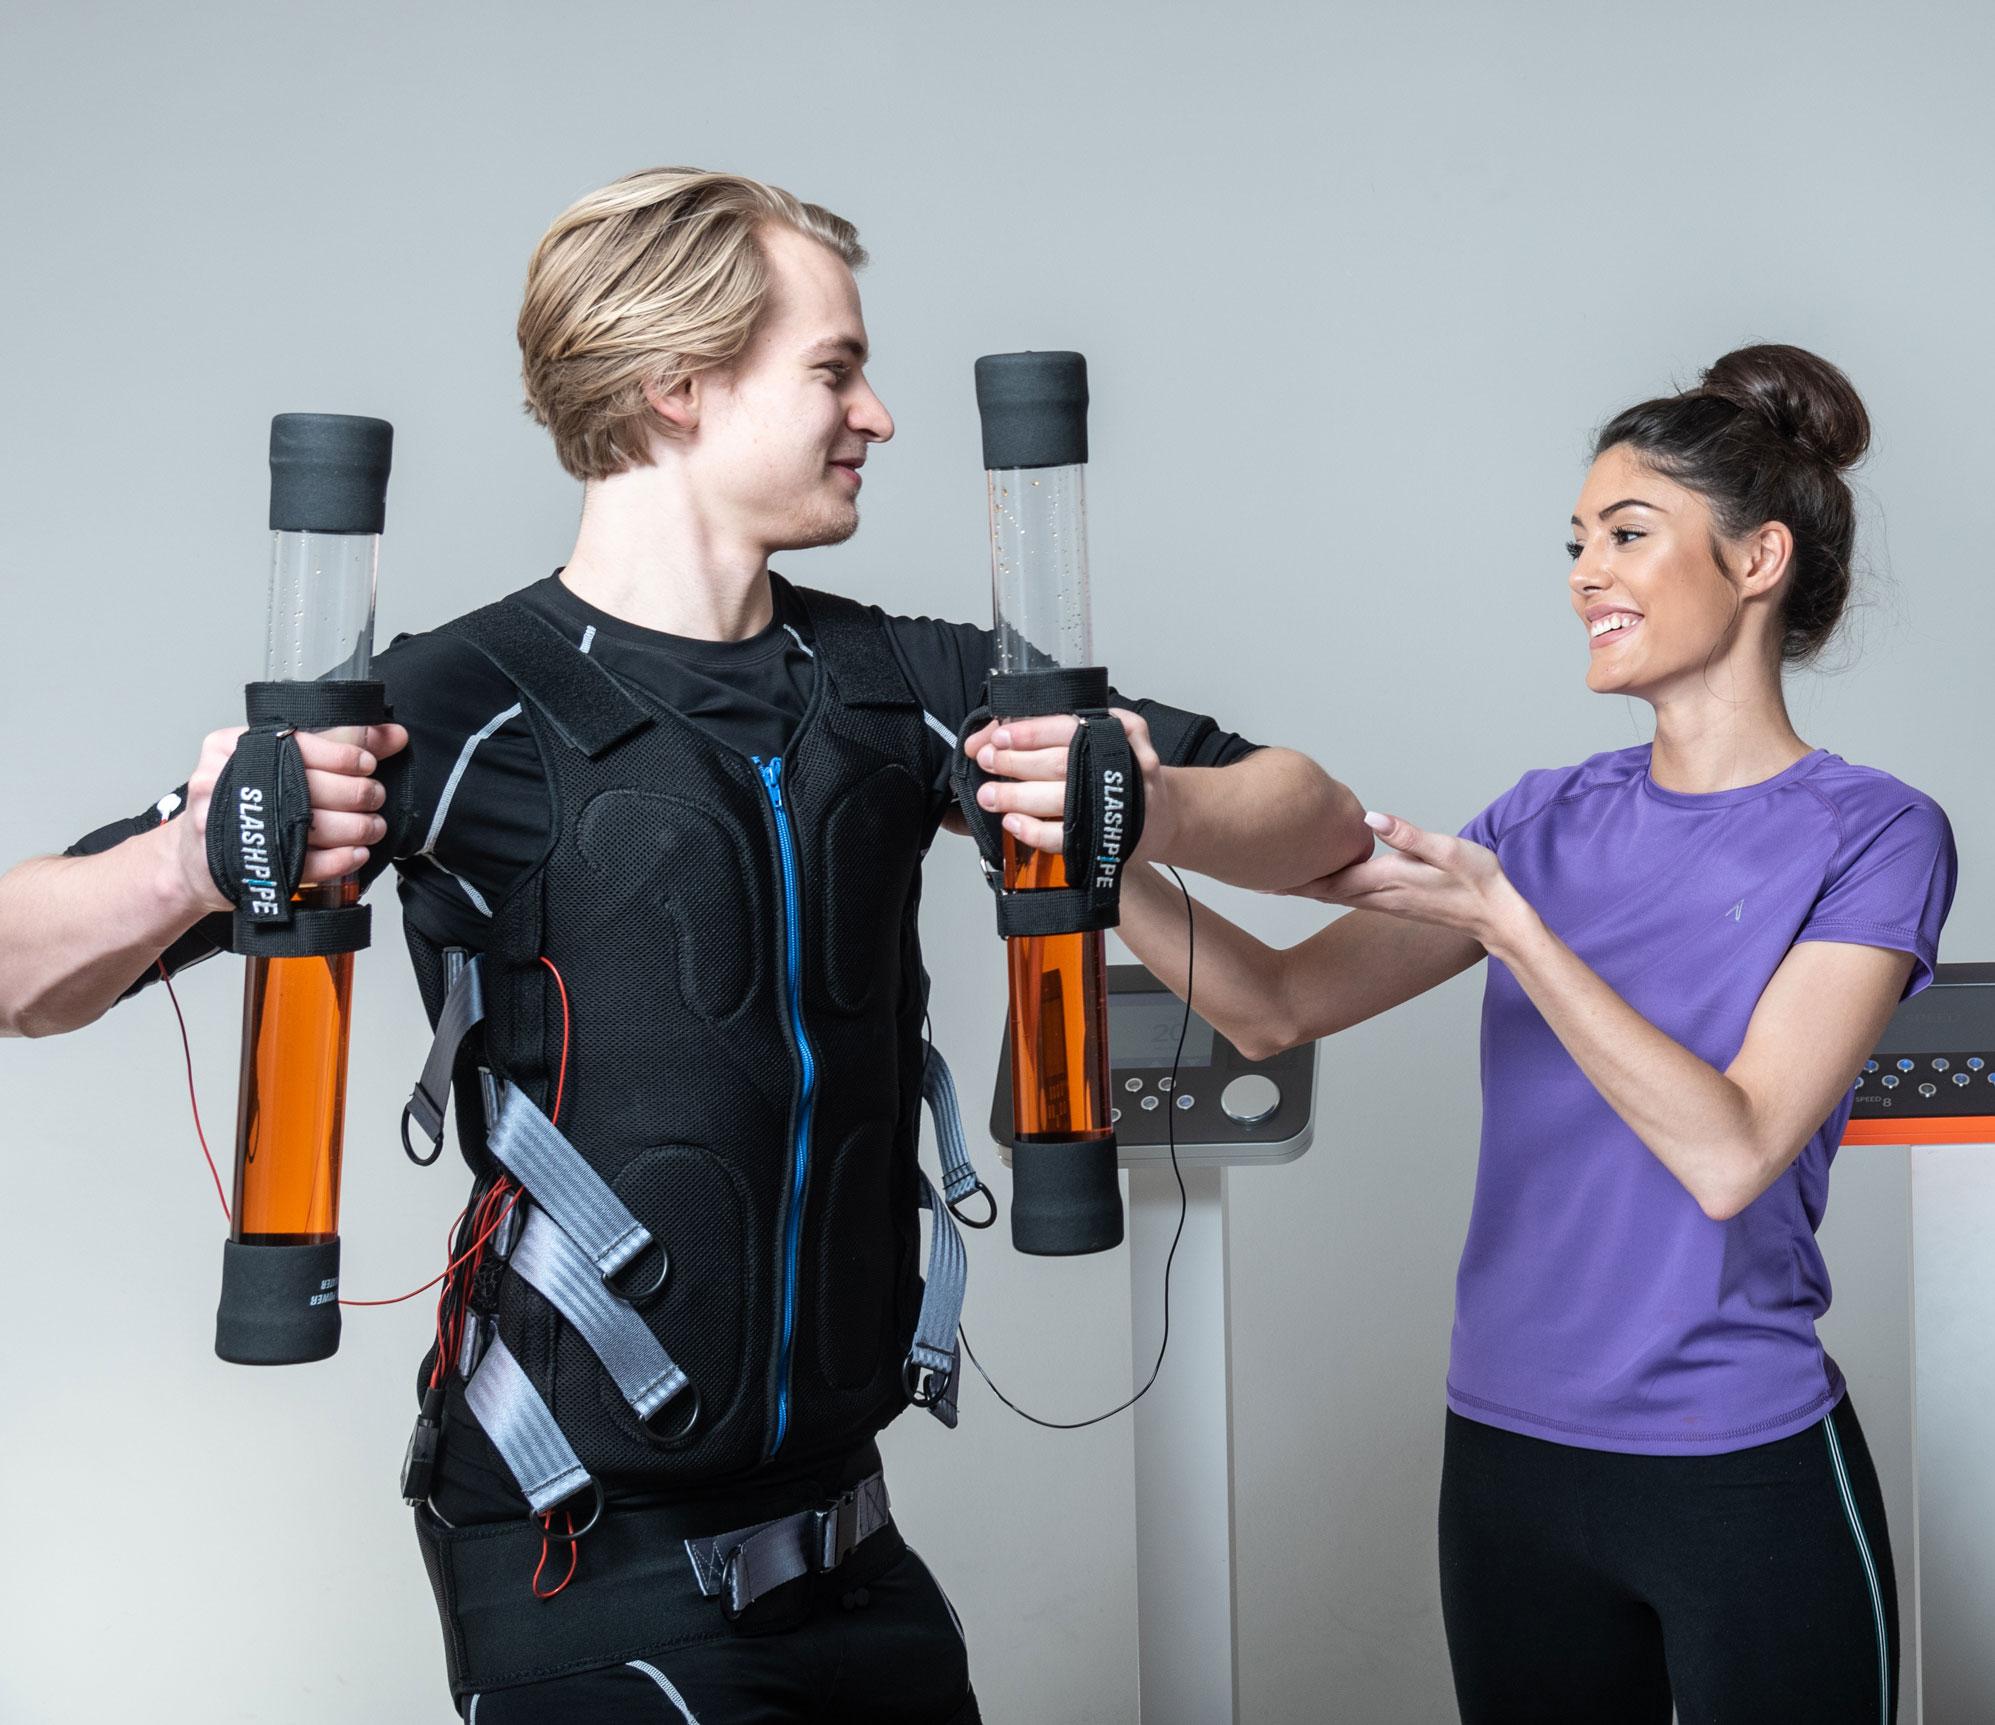 Trainerin unterstützt beim EMS Training zum Muskelaufbau.